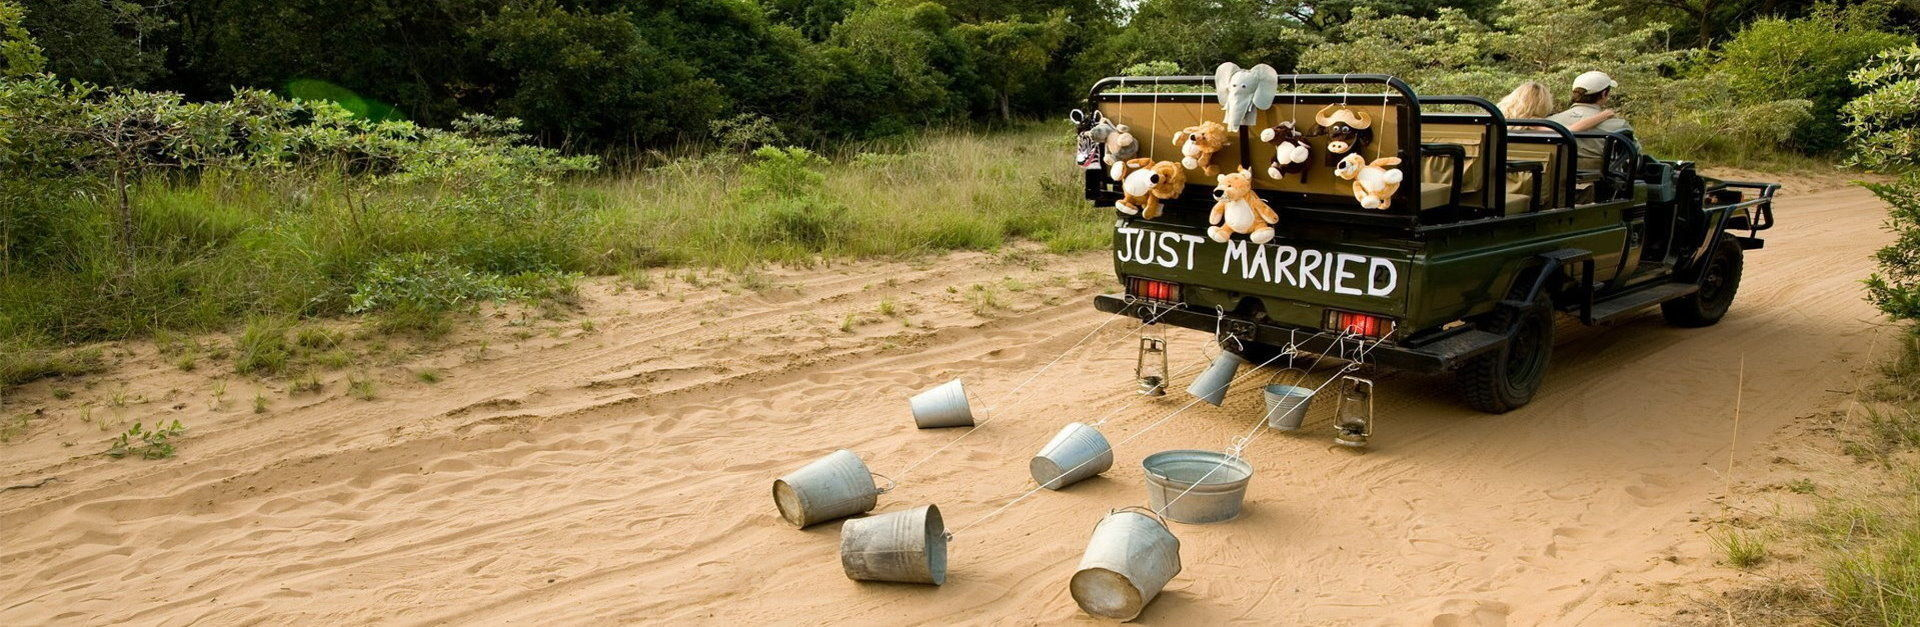 Honeymoon Safaris Just Married